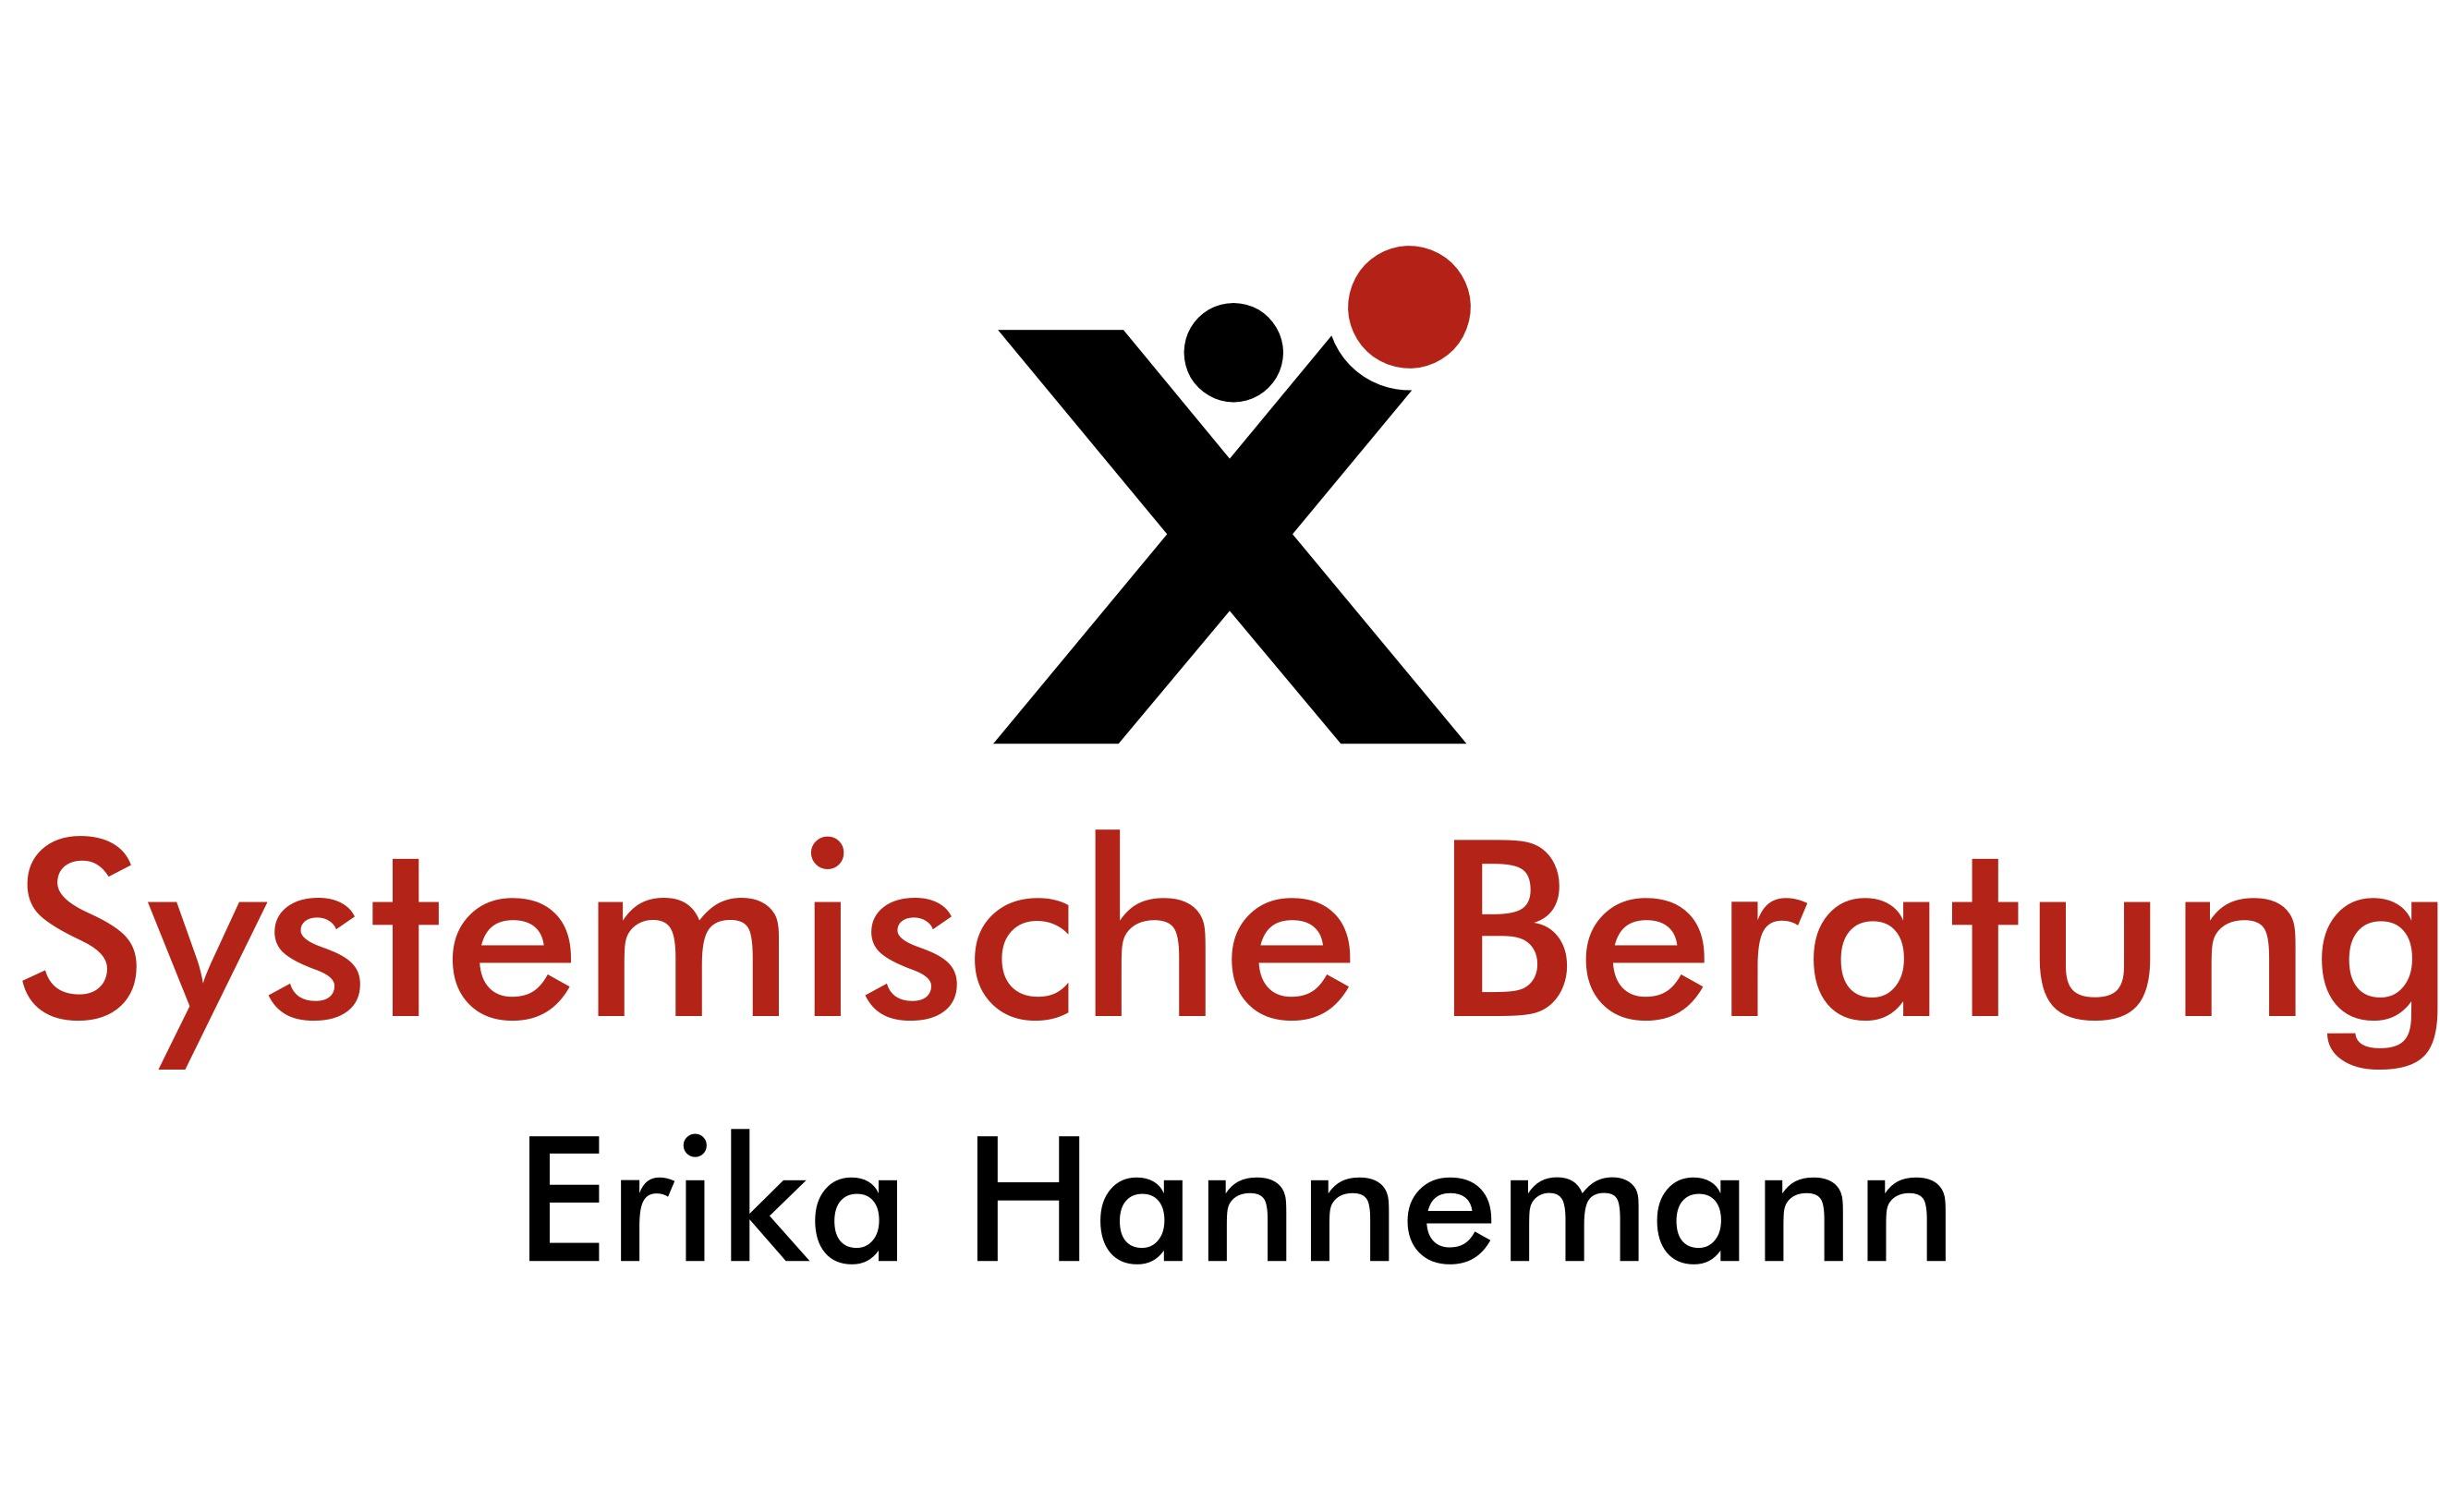 Systemische Beratung Erika Hannemann